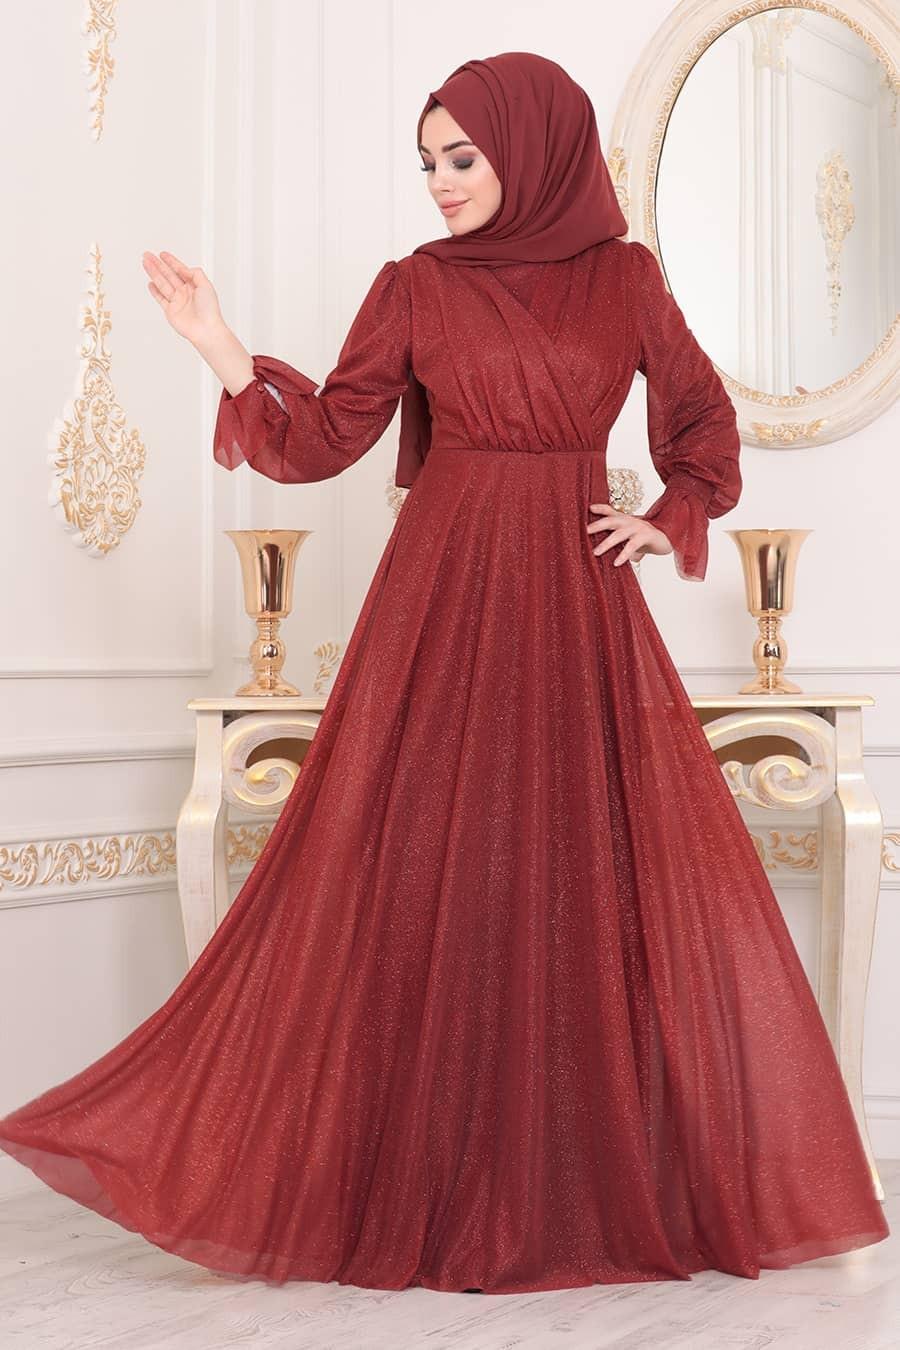 فساتين سواريه للجسم الممتلئ للمحجبات- الفساتين الملفوفة